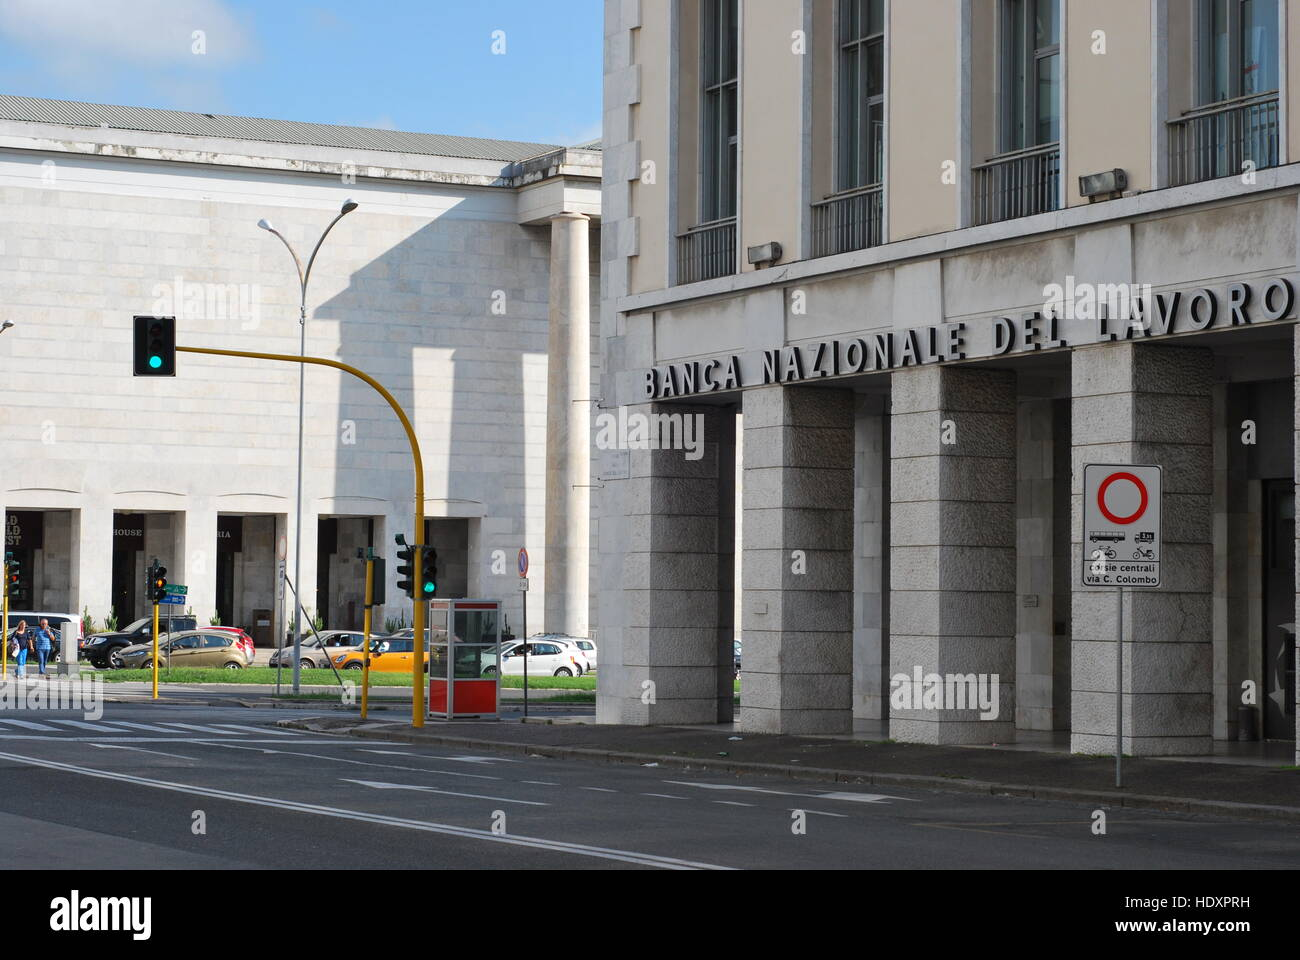 Banca Nazionale Di Lavoro Trieste : Lavoro immagini & lavoro fotos stock alamy